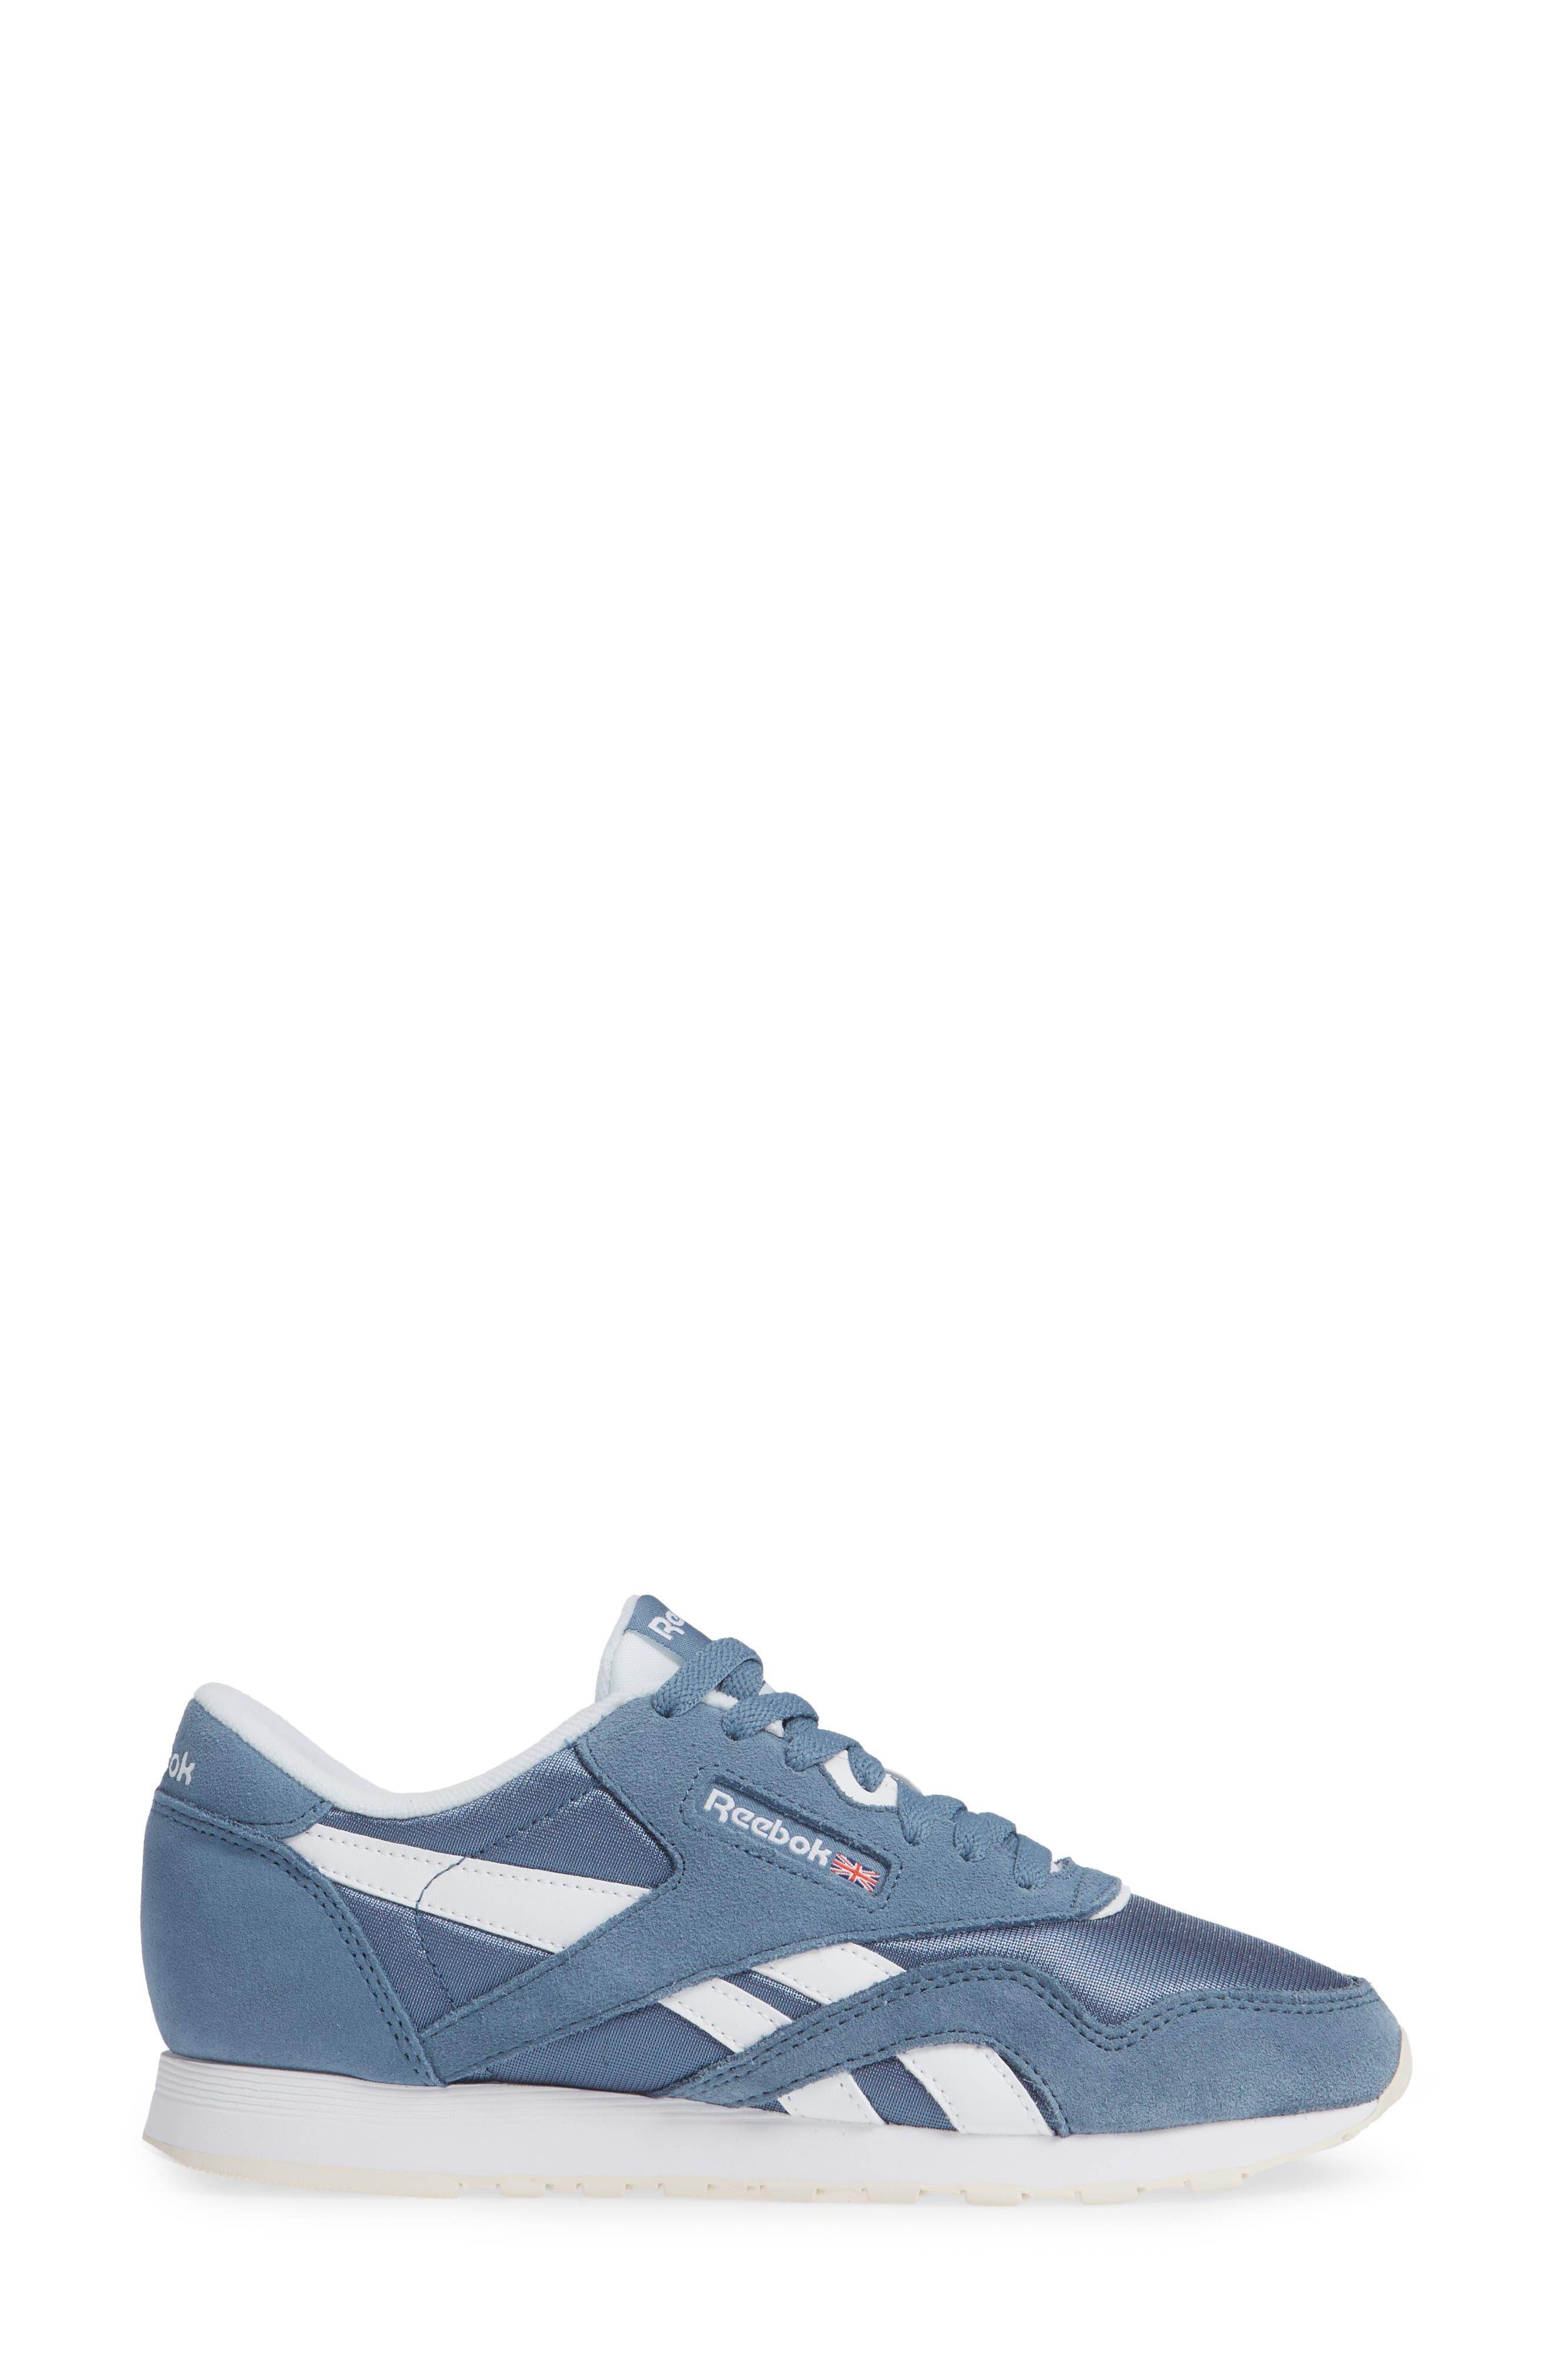 Classic Sneaker,                             Alternate thumbnail 3, color,                             BLUE SLATE/ WHITE/ CHALK